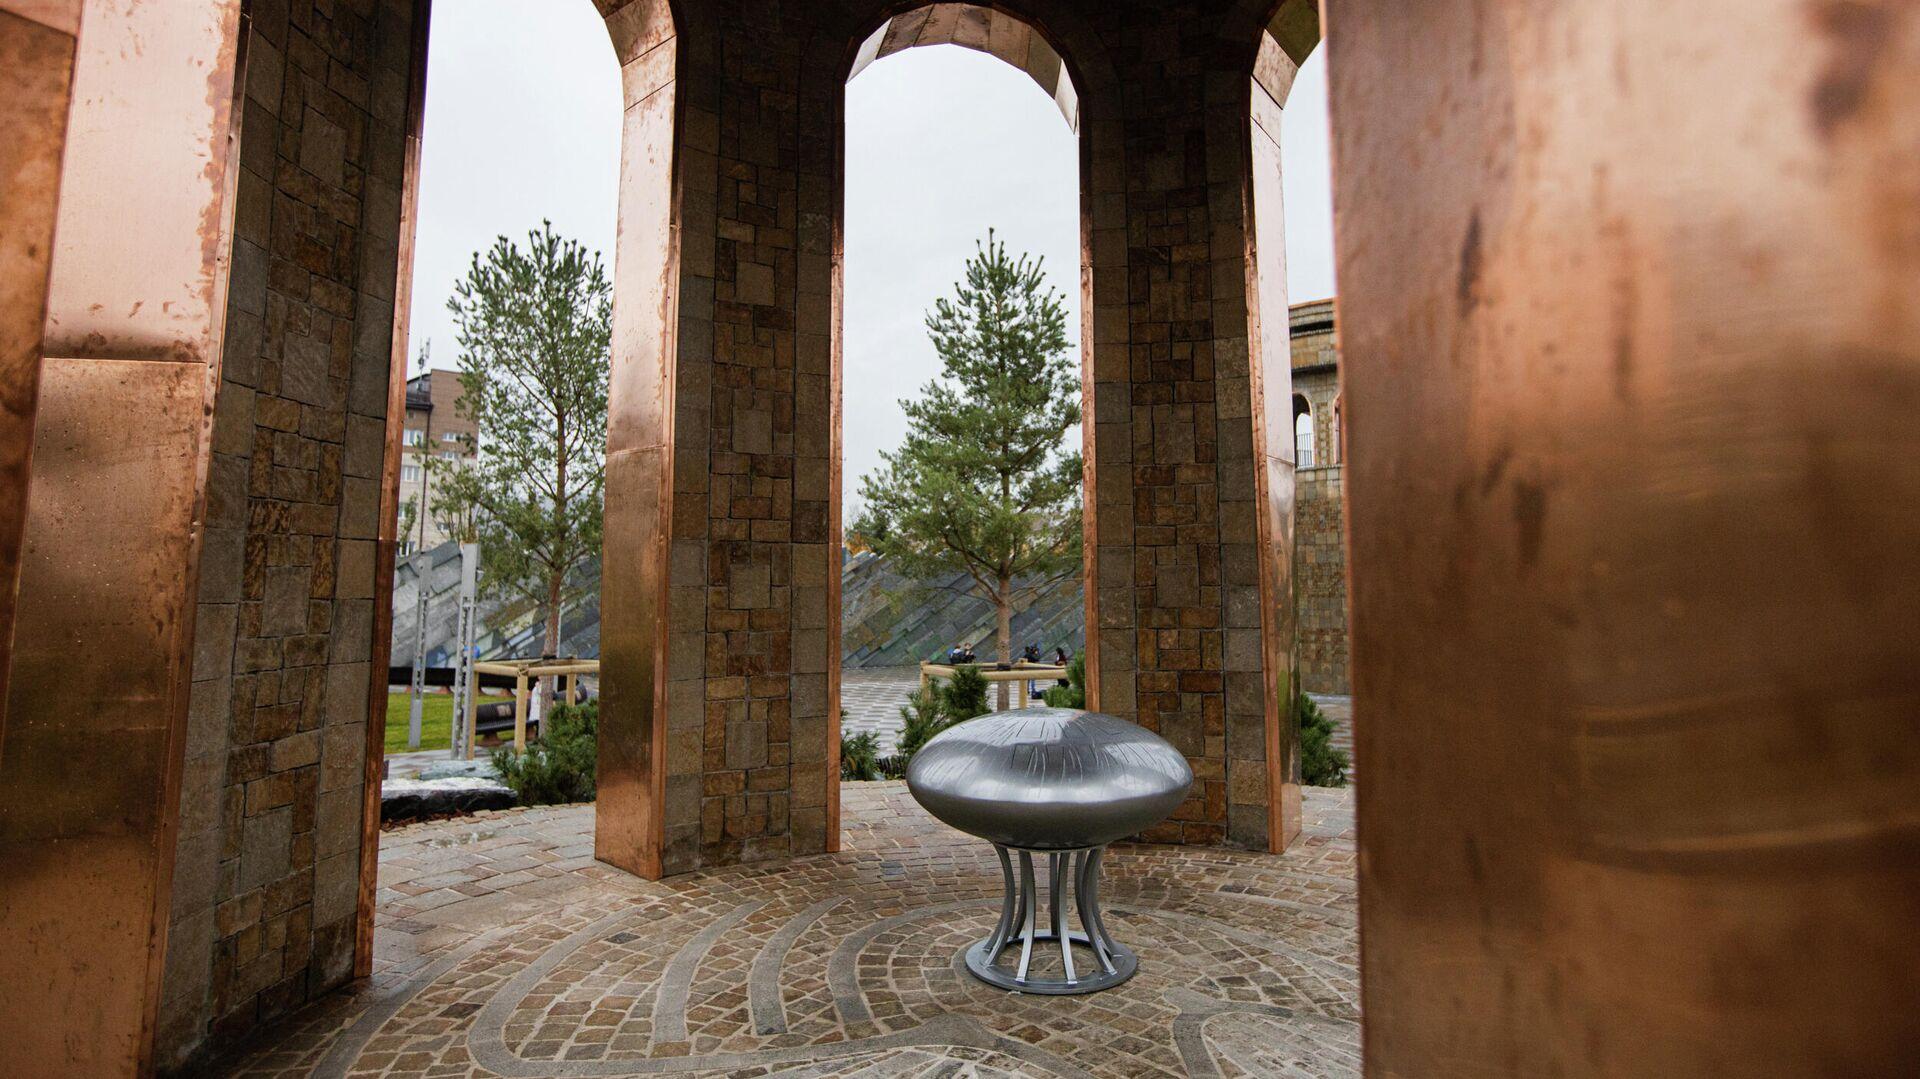 Сквер Парк ангелов, построенный в память о погибших в пожаре в торгово-развлекательном центре Зимняя вишня, в Кемерово - РИА Новости, 1920, 27.05.2021